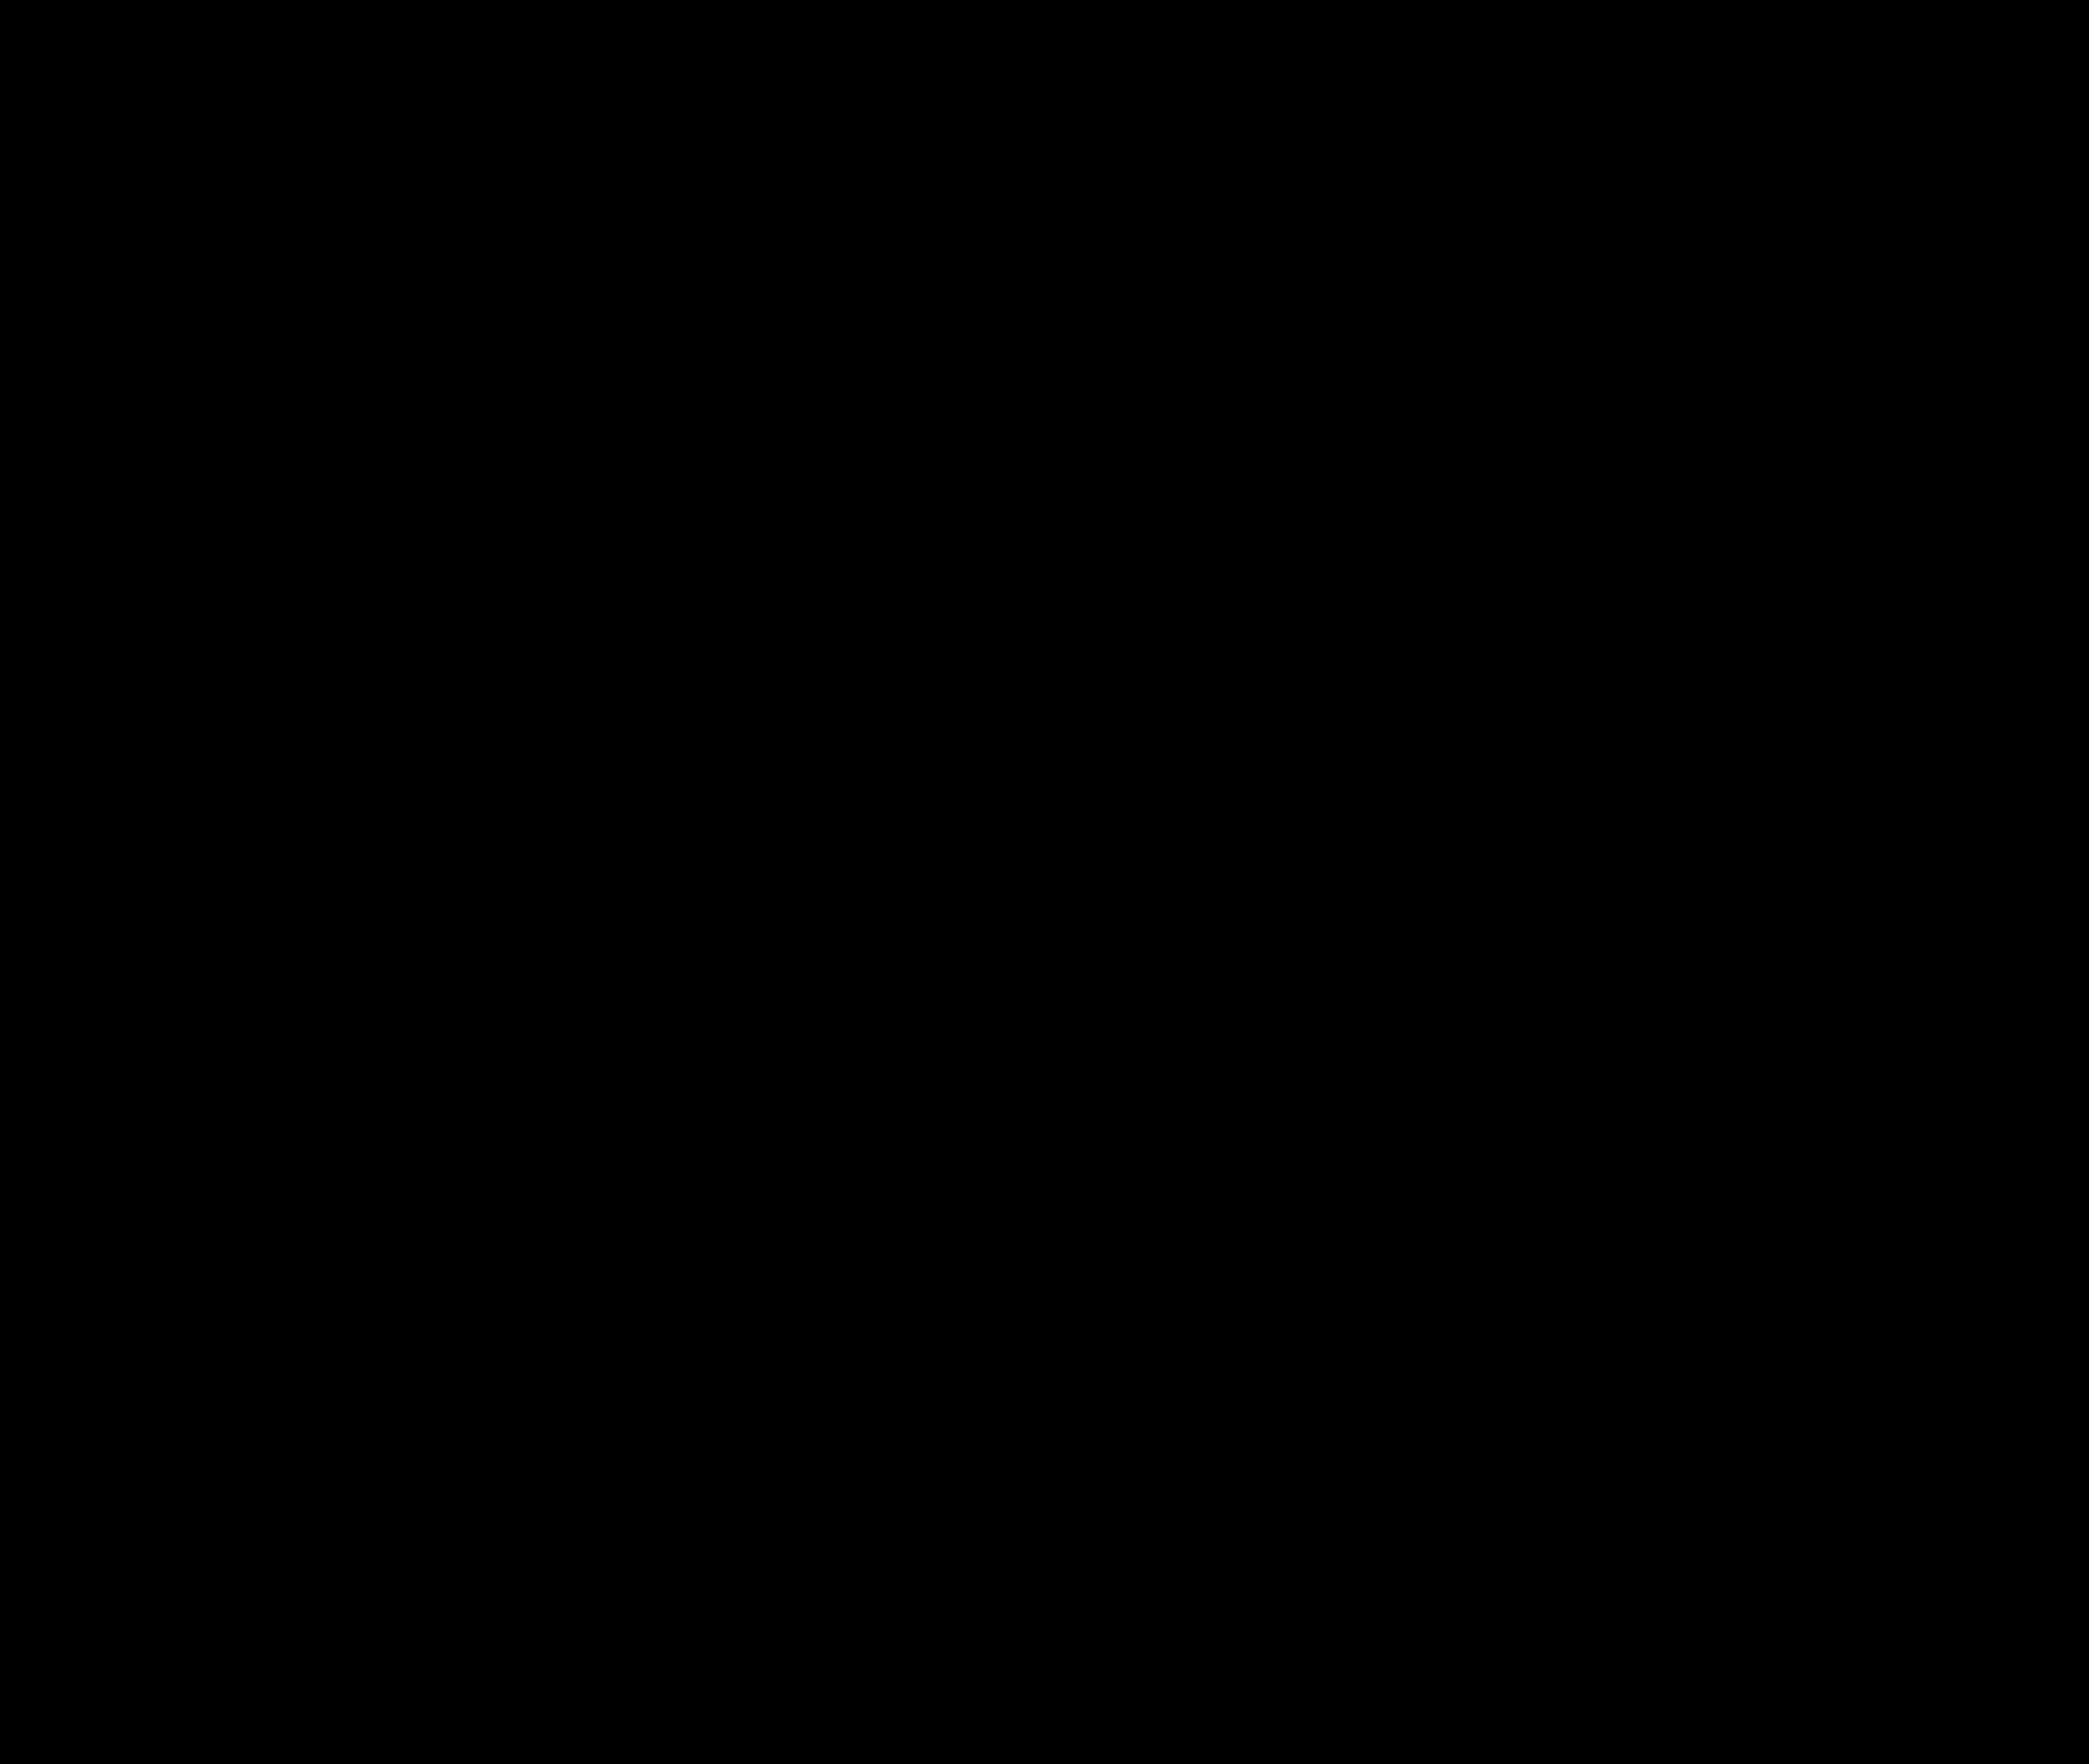 Women shoe silhouette big. Heels clipart logo